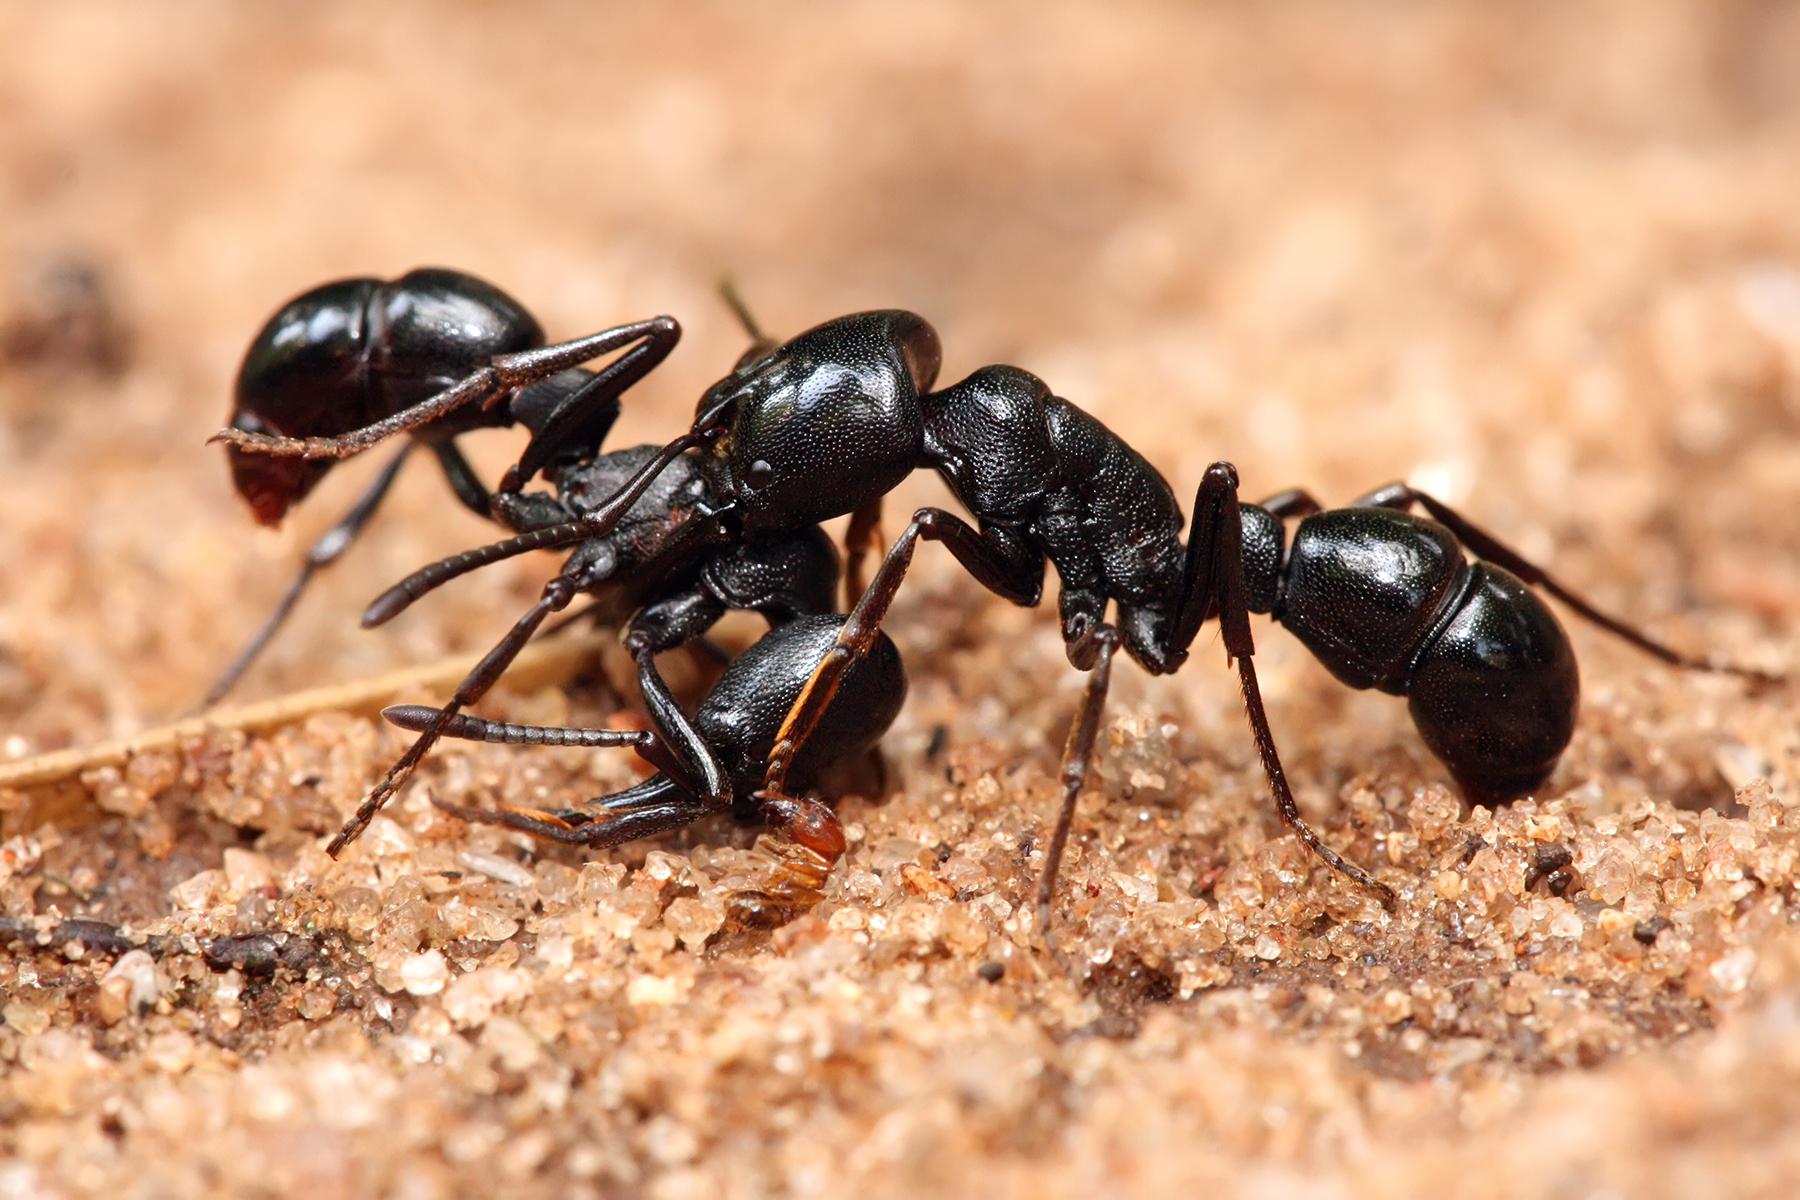 Plectroctena_sp_ants.jpg